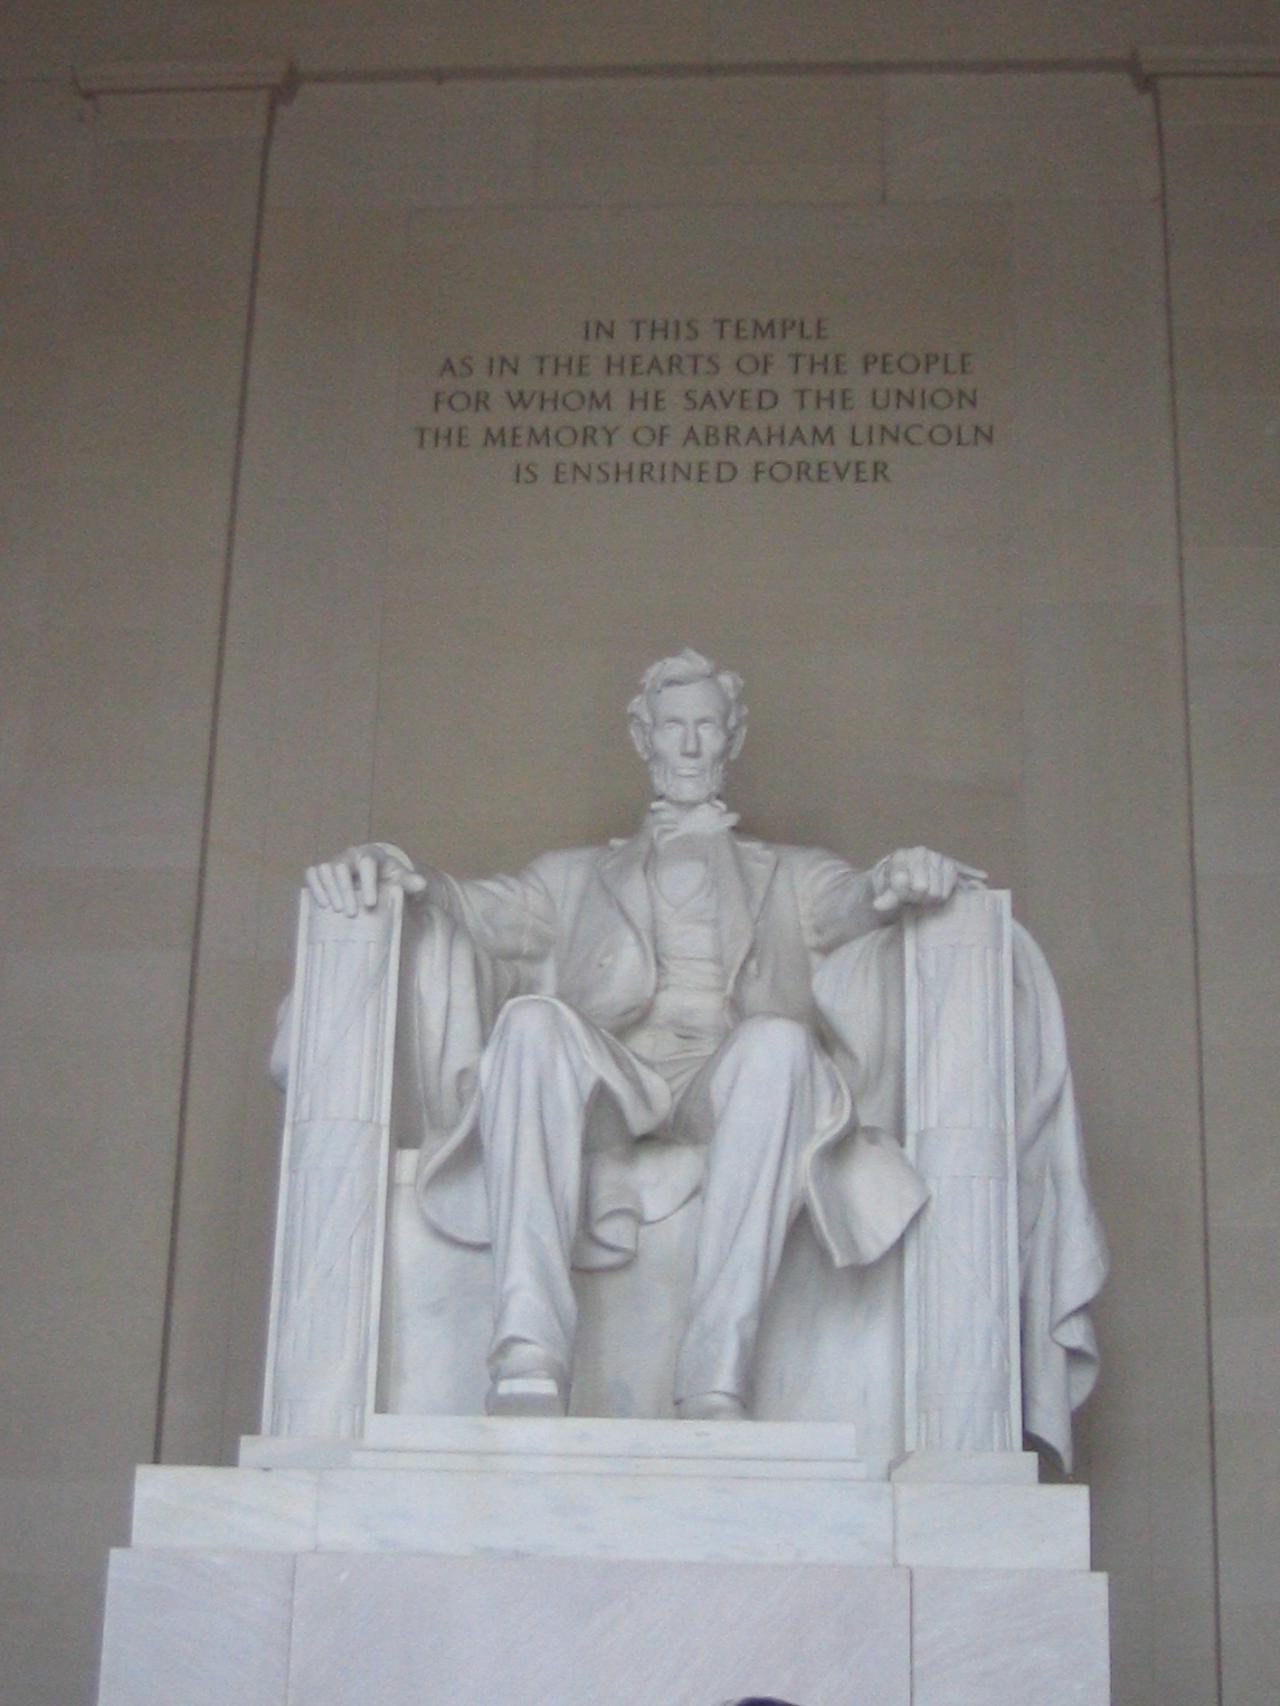 画像: リンカーン記念堂にある初代大統領エイブラハム・リンカーンのモニュメント/弊社スタッフ撮影